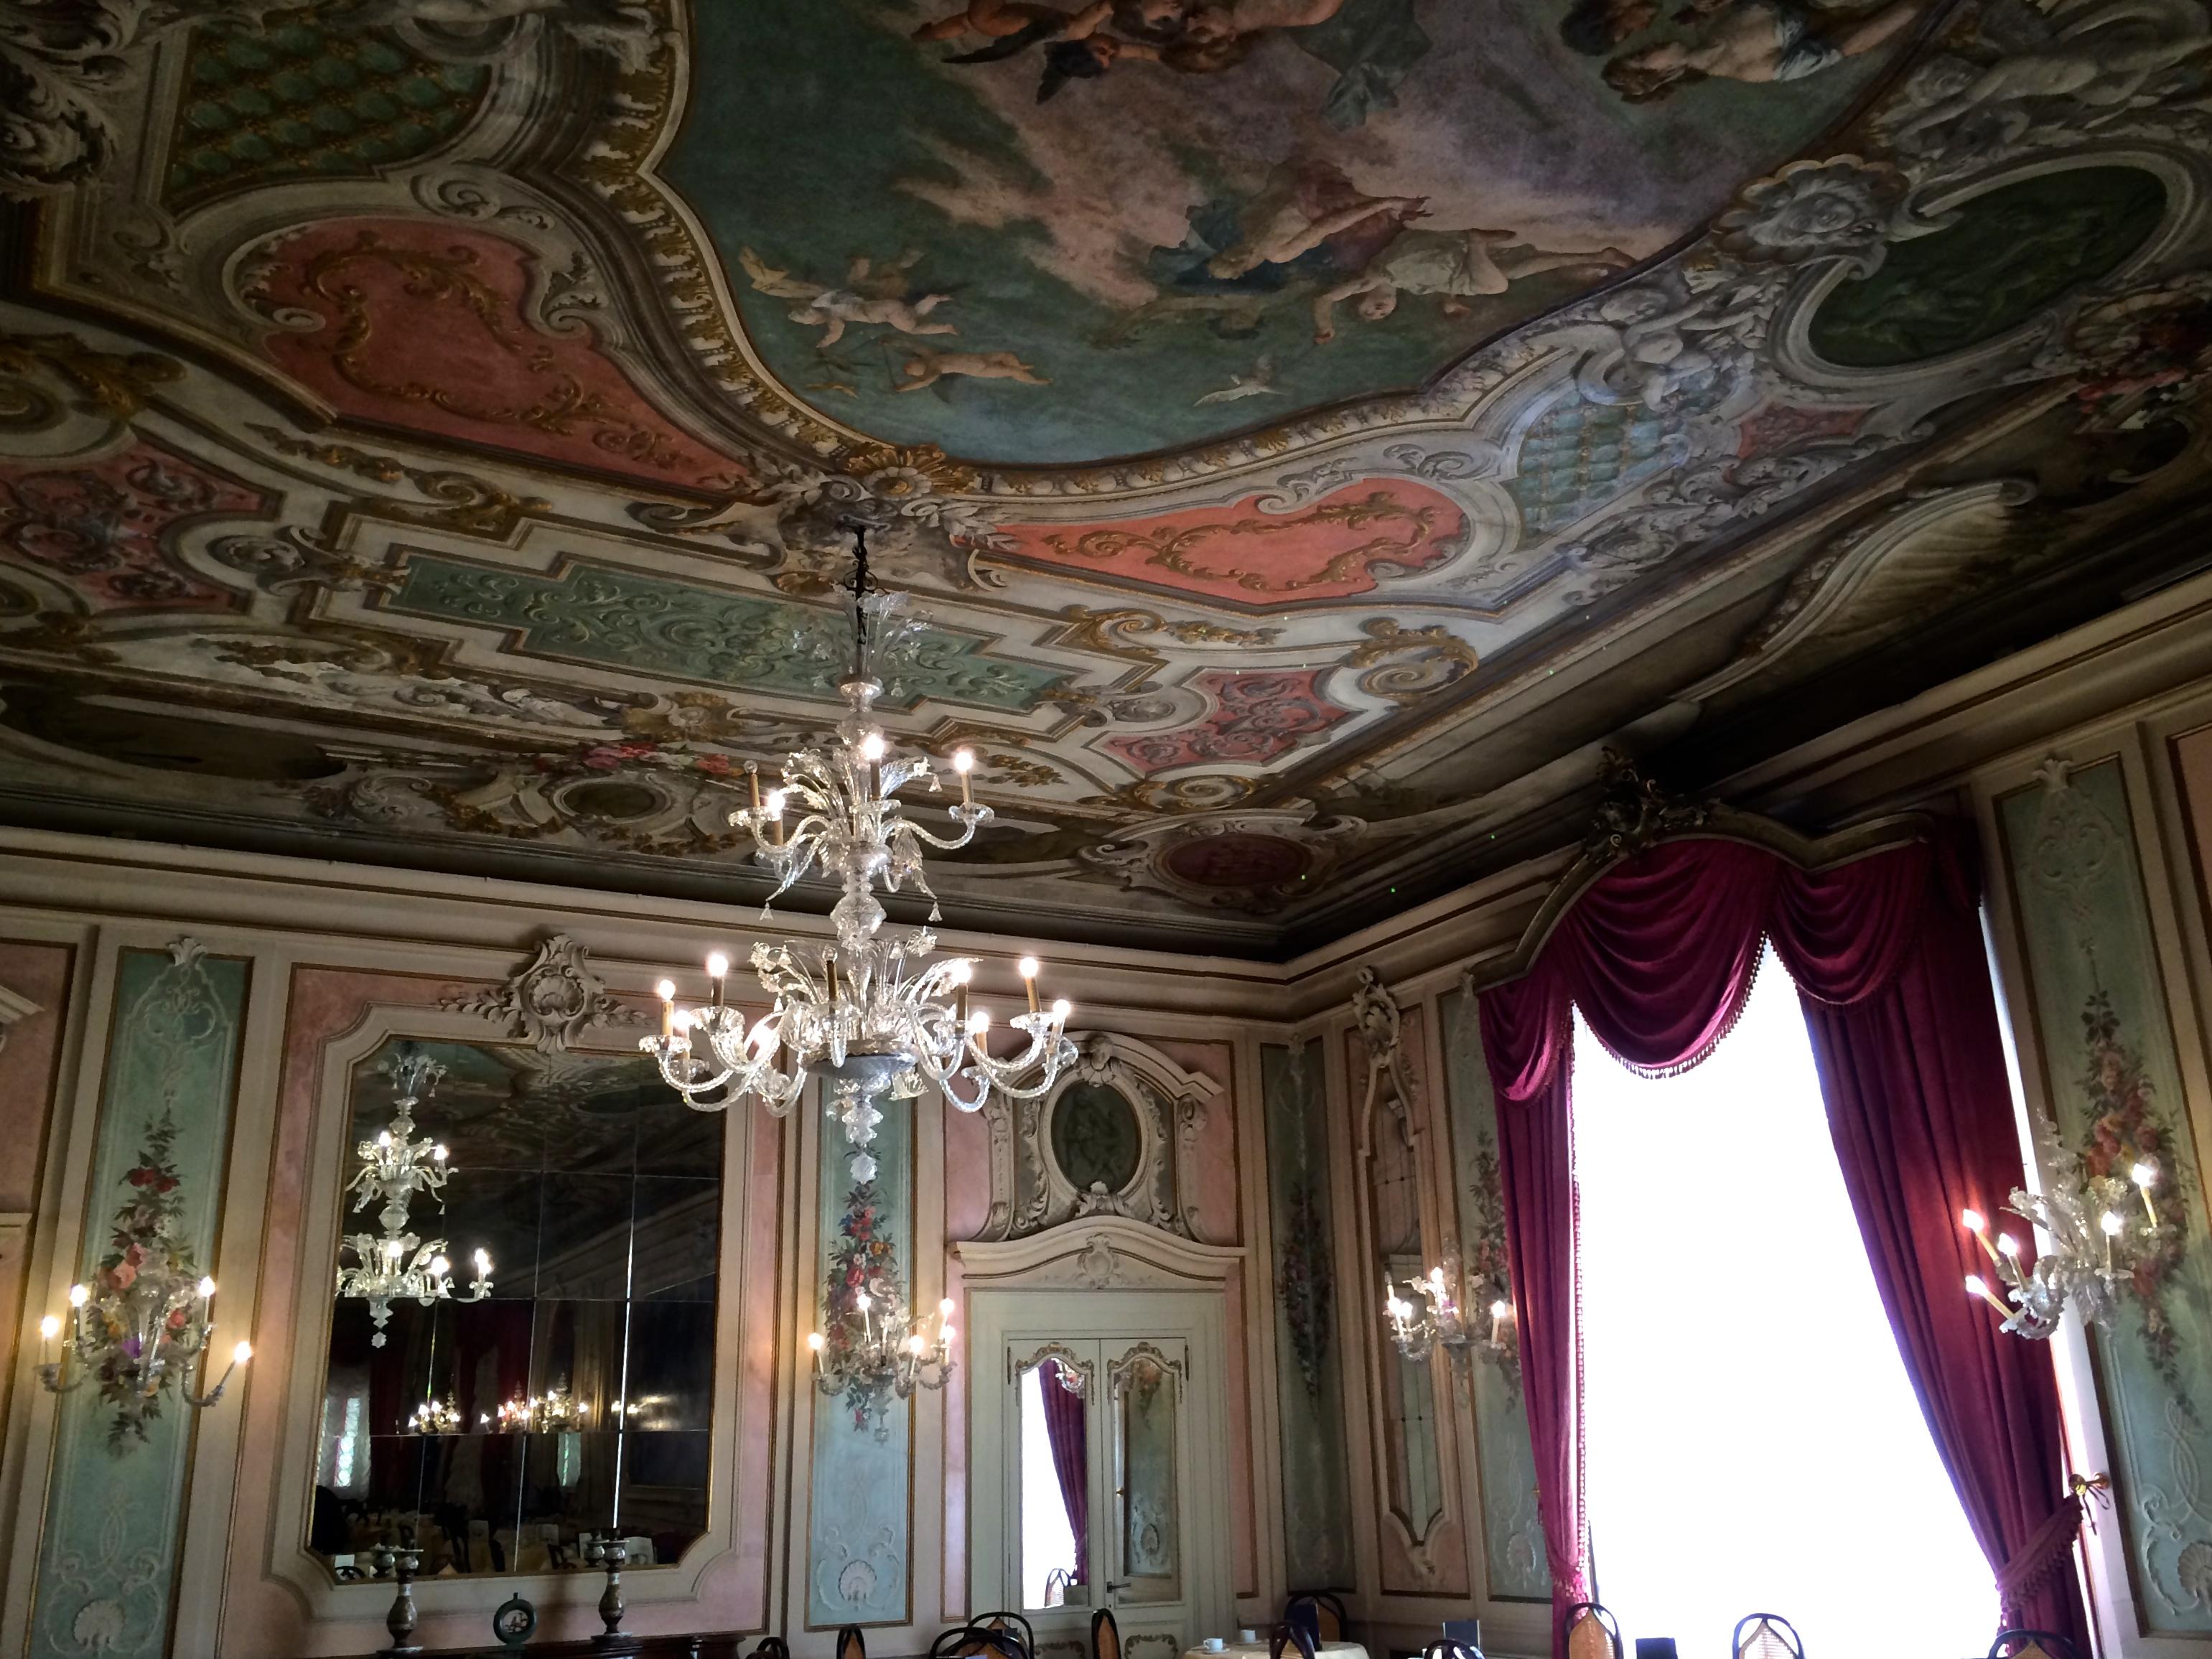 The Baglioni Venice Review